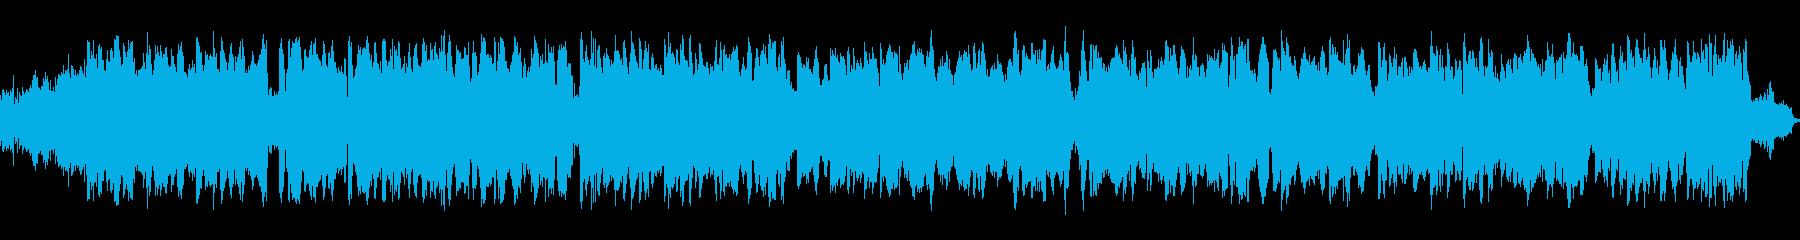 サーカス等の手回しオルガン風楽曲の再生済みの波形